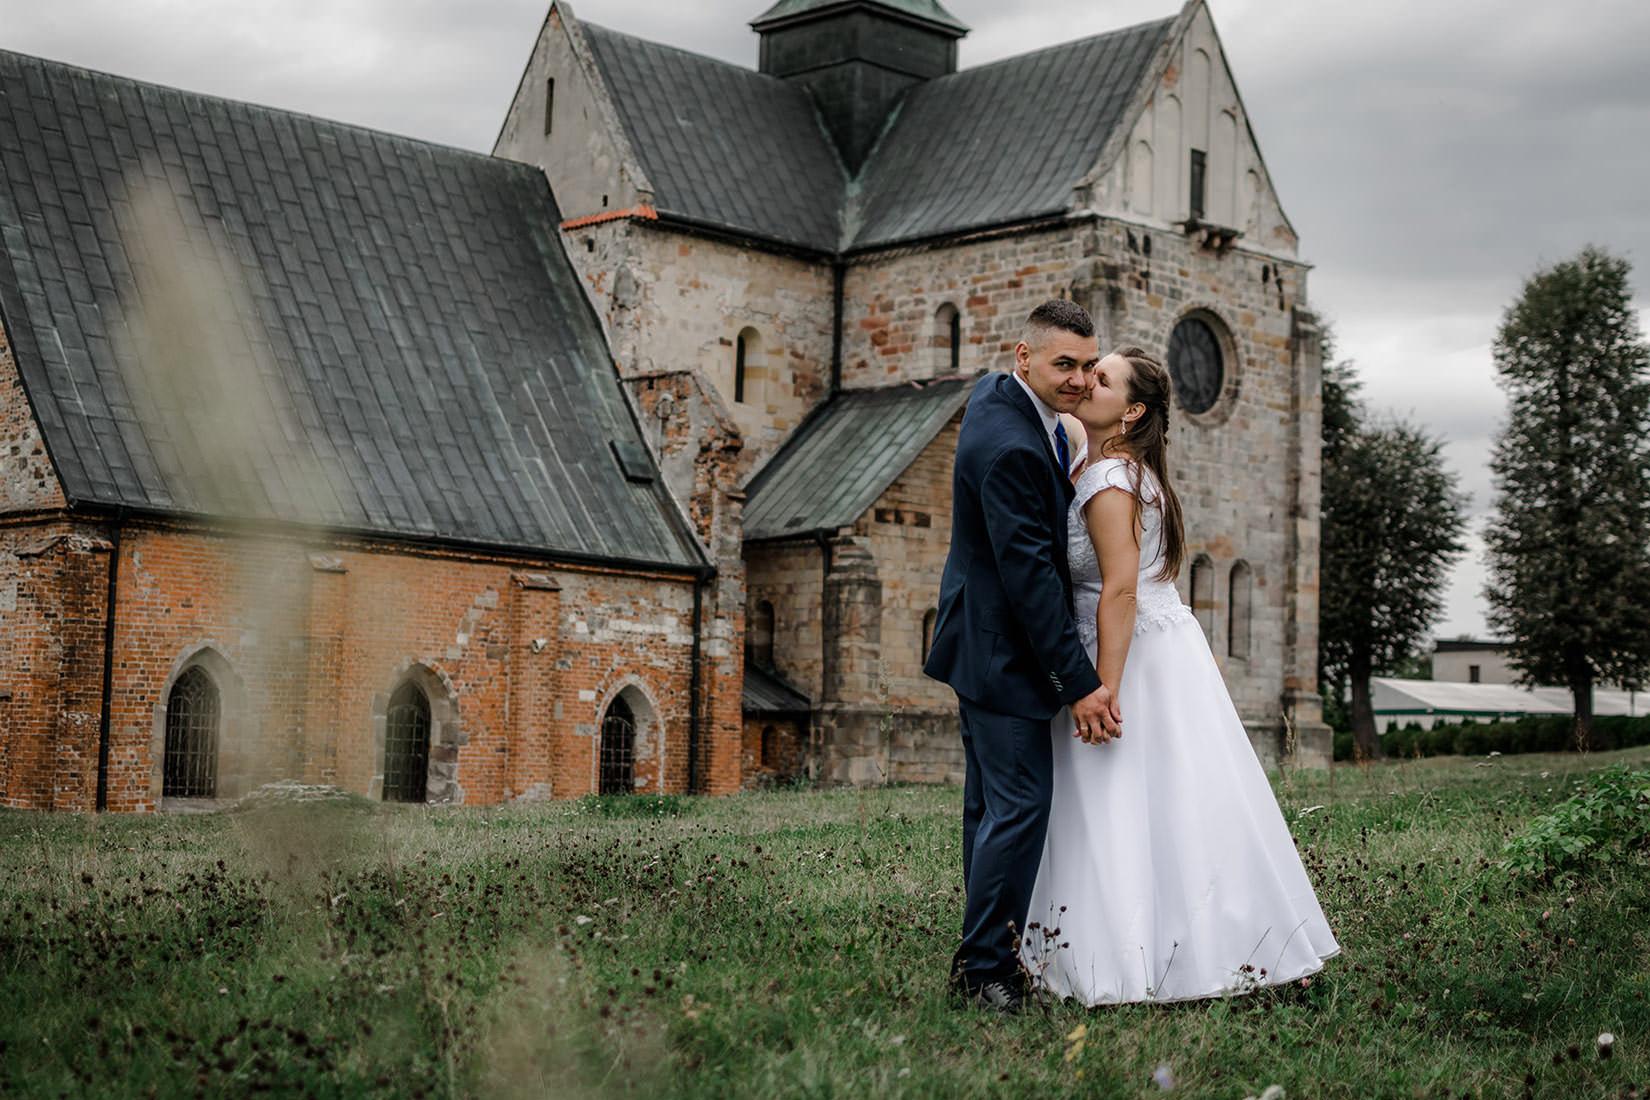 Sesja Ślubna Piotrków Trybunalski - fotograf ślubny